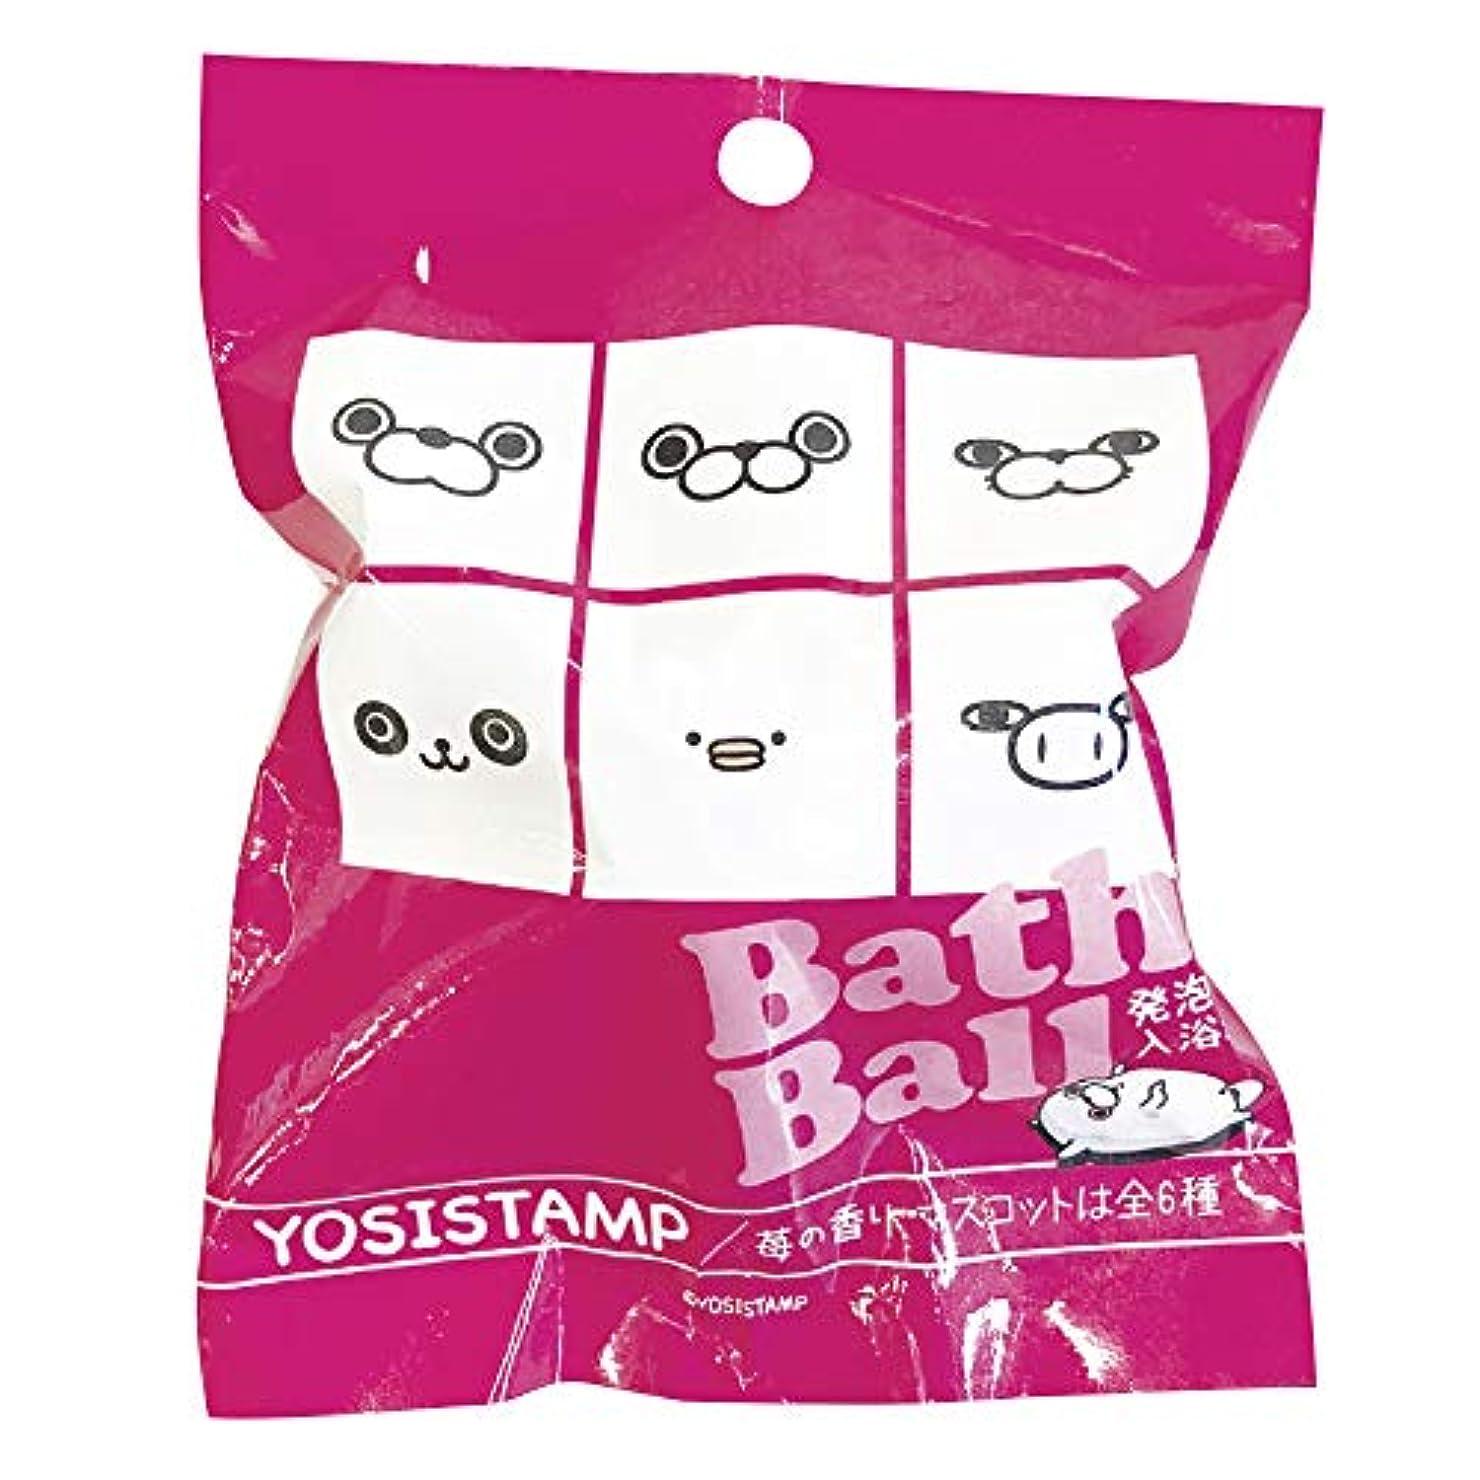 電気的復活バズヨッシースタンプ 入浴剤 バスボール おまけ付き イチゴの香り ABD-004-002